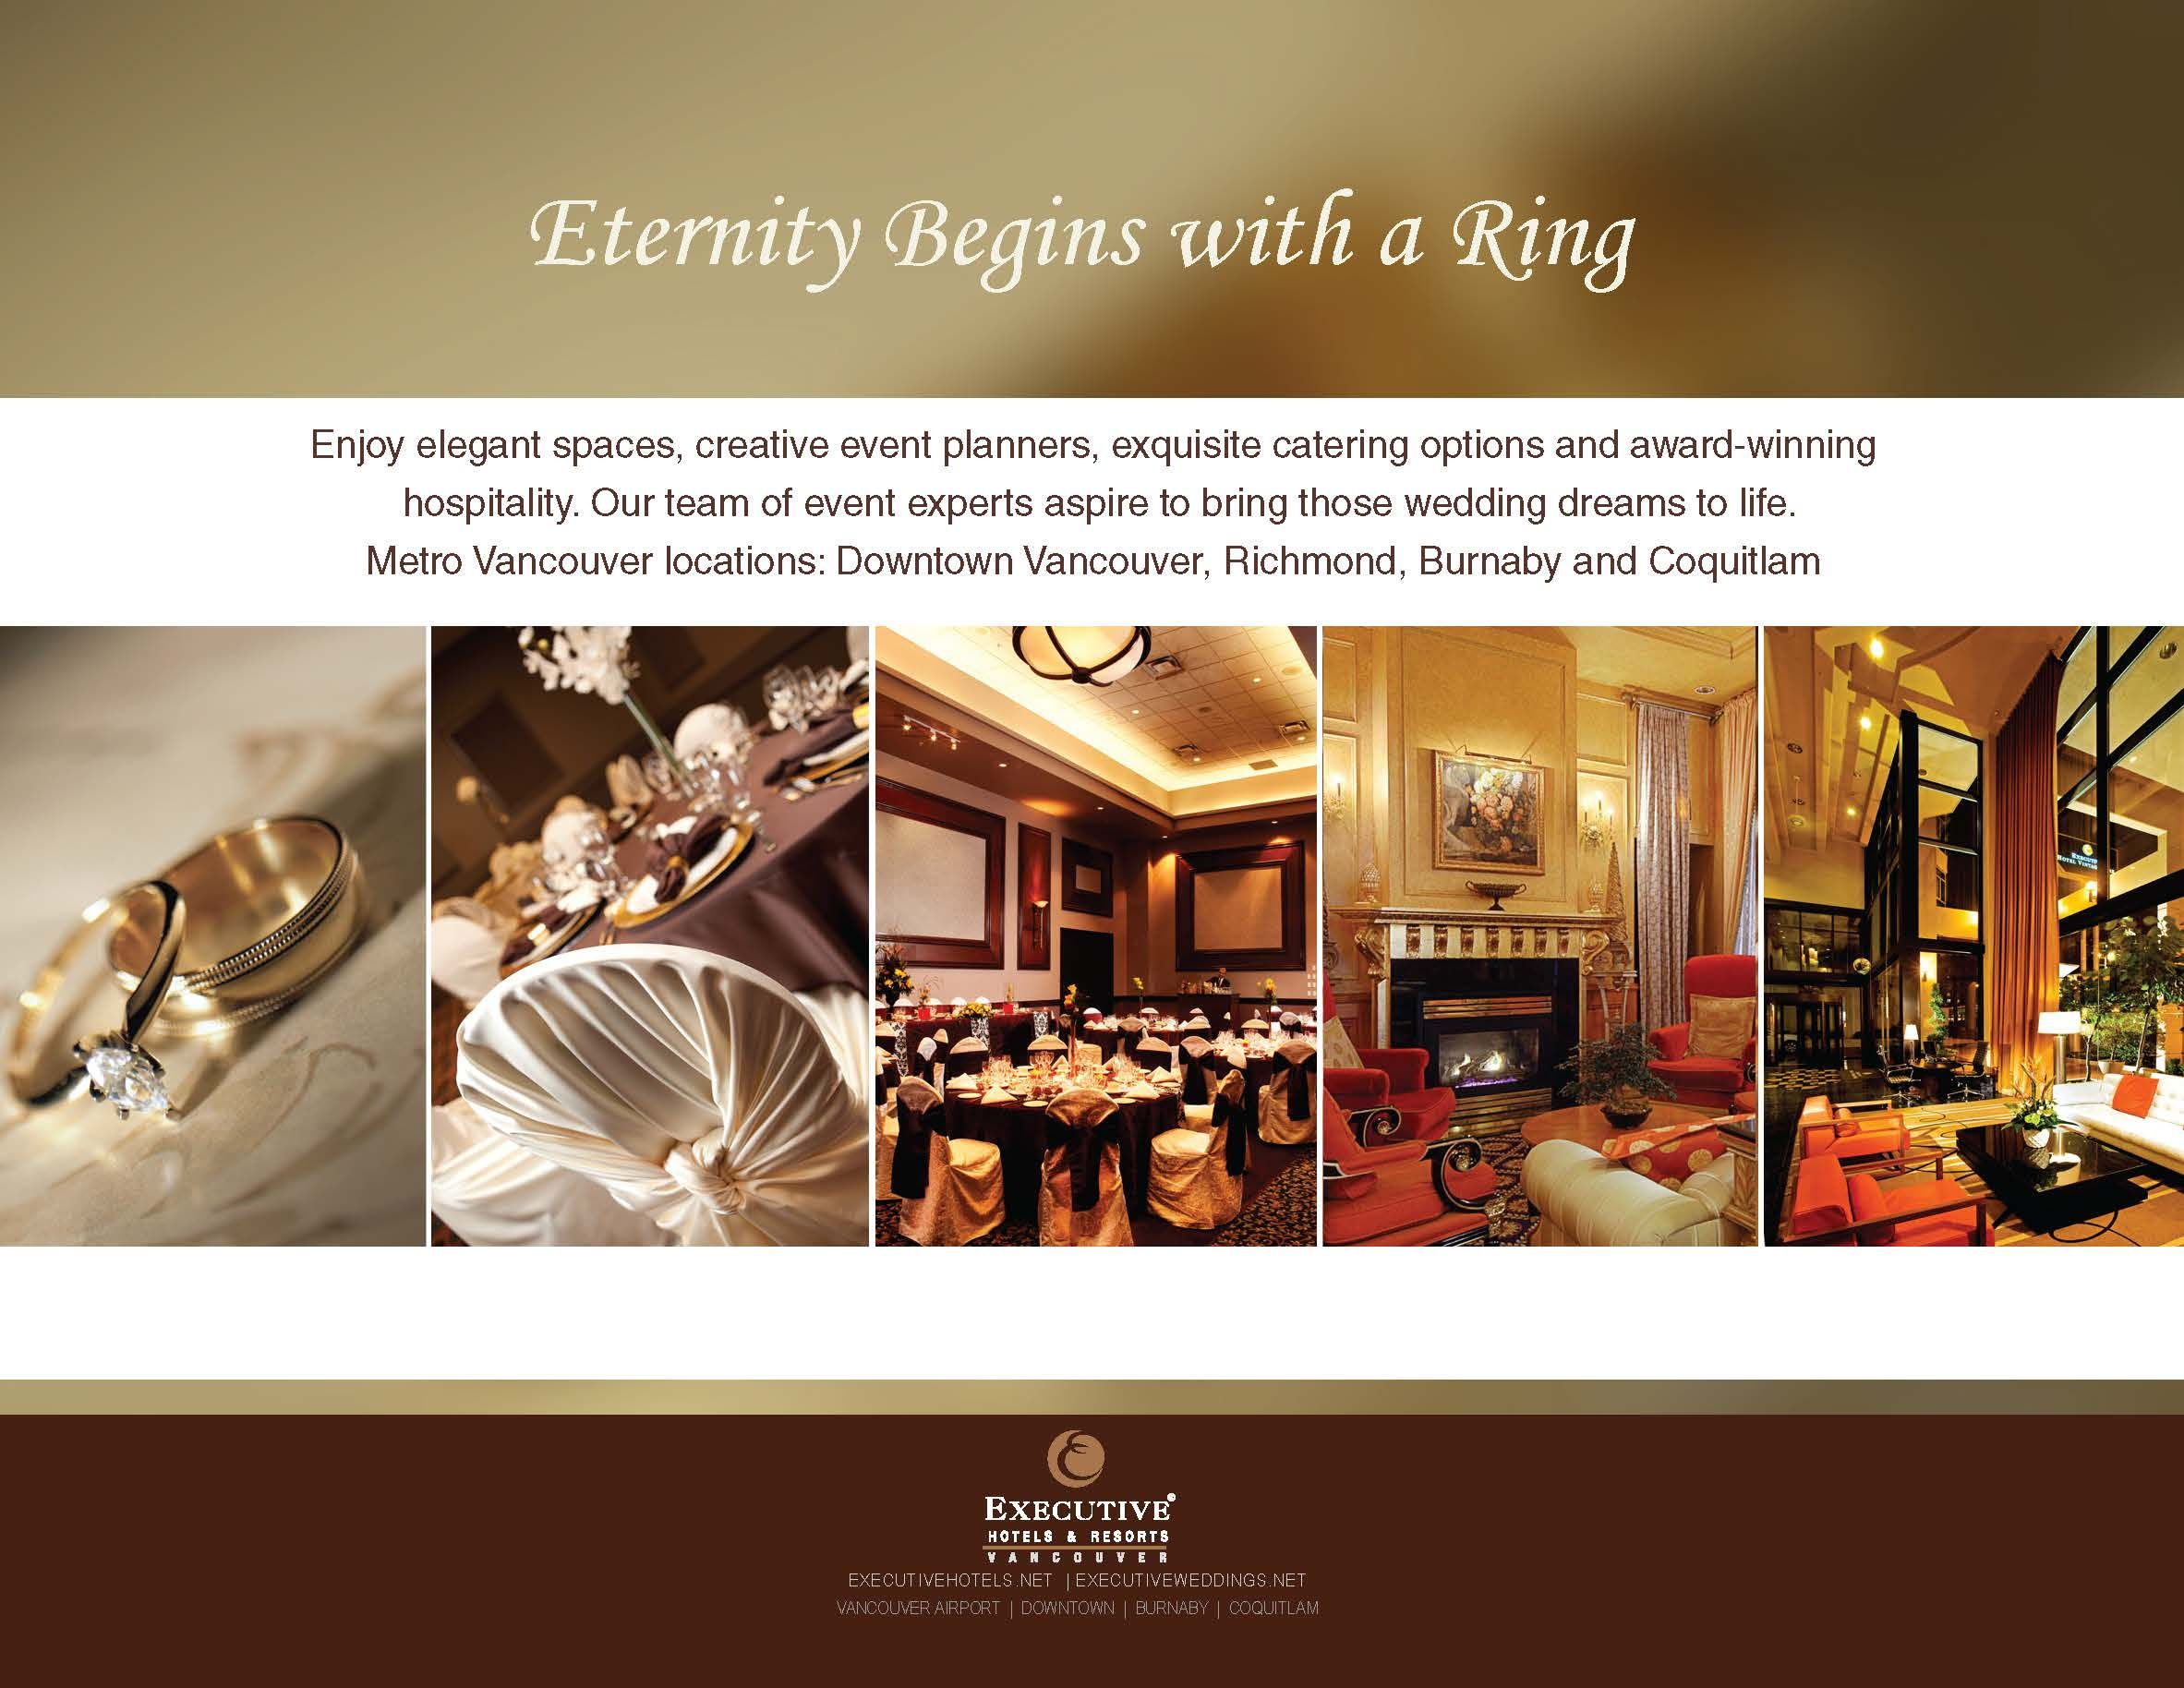 wedding showpage1jpg 23651828 wedding showpage1jpg 23651828 publicidad hotelera